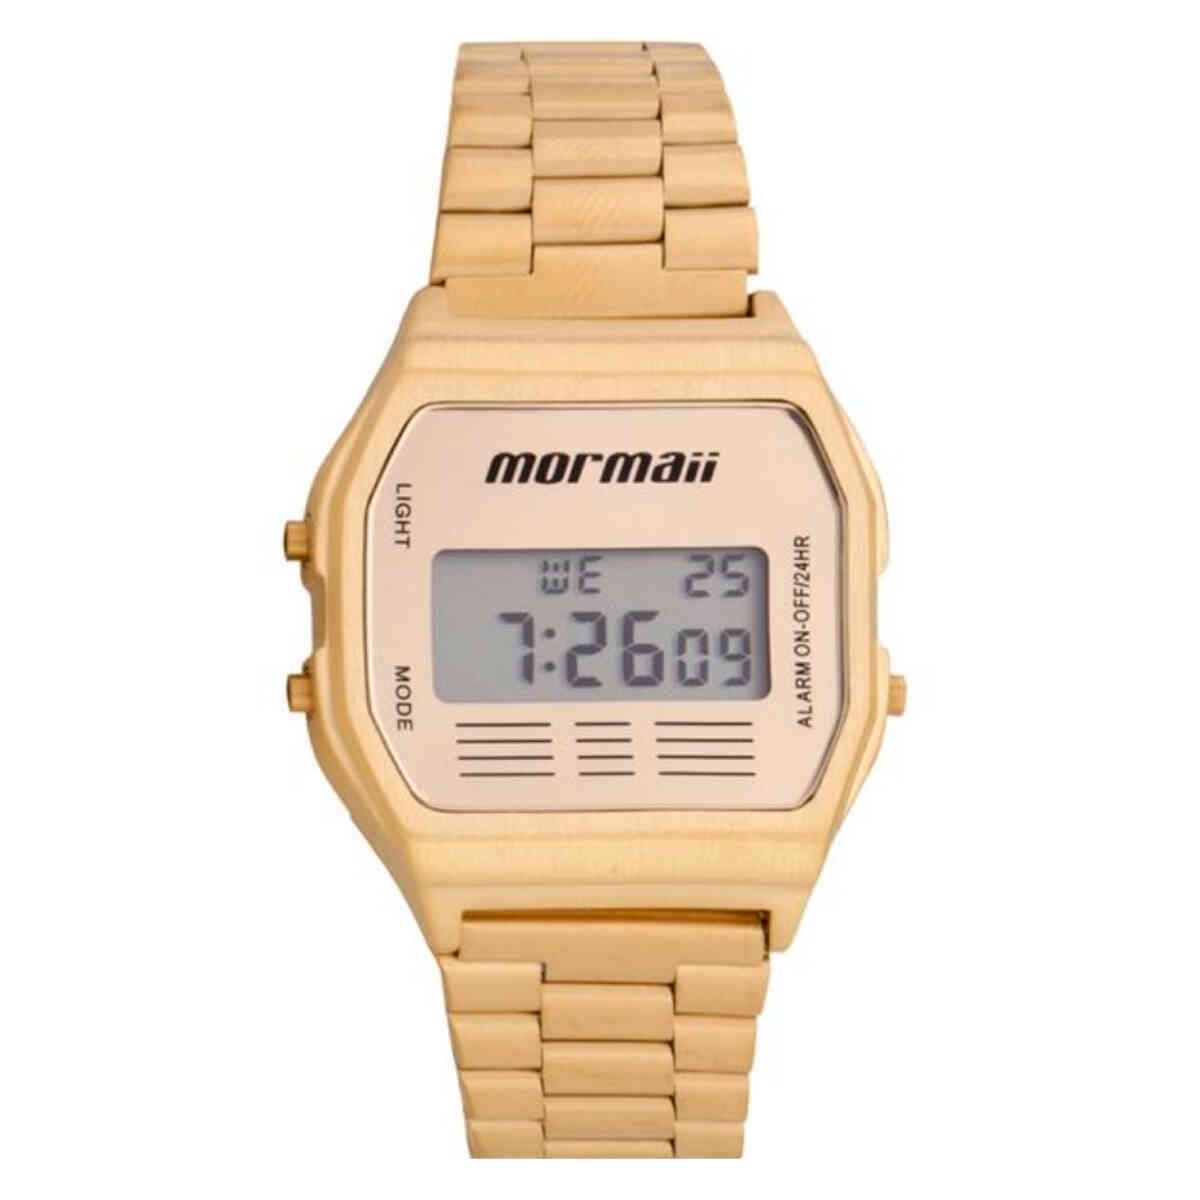 Relógio de Pulso Mormaii Vintage Unissex MOJH02AB